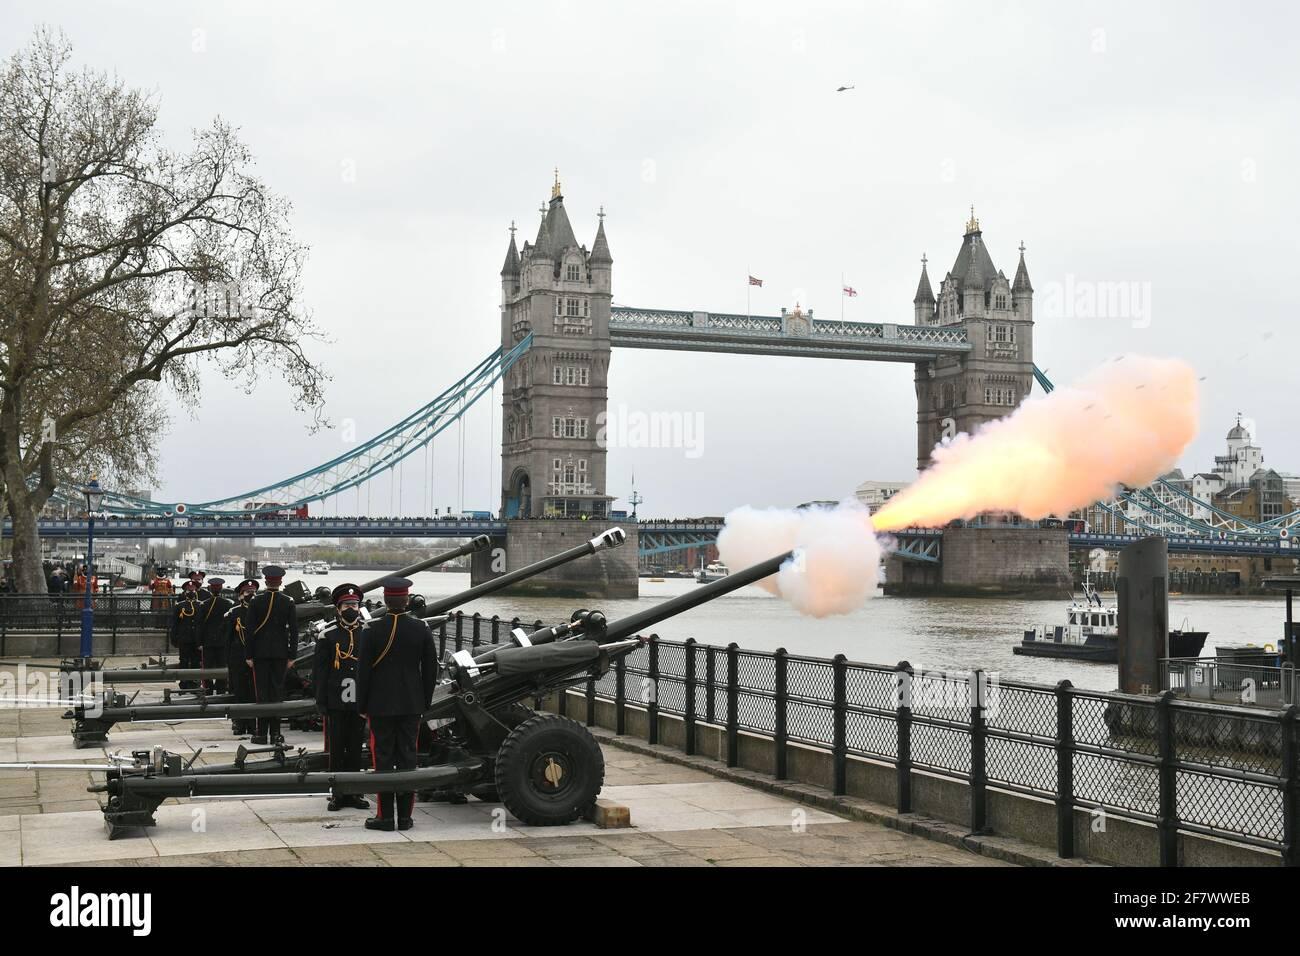 Miembros de la Honorable Artillery Company le saludan con un cañón de 41 vueltas desde el muelle de la Torre de Londres, para conmemorar la muerte del Duque de Edimburgo. Fecha de la foto: Sábado 10 de abril de 2021. Foto de stock